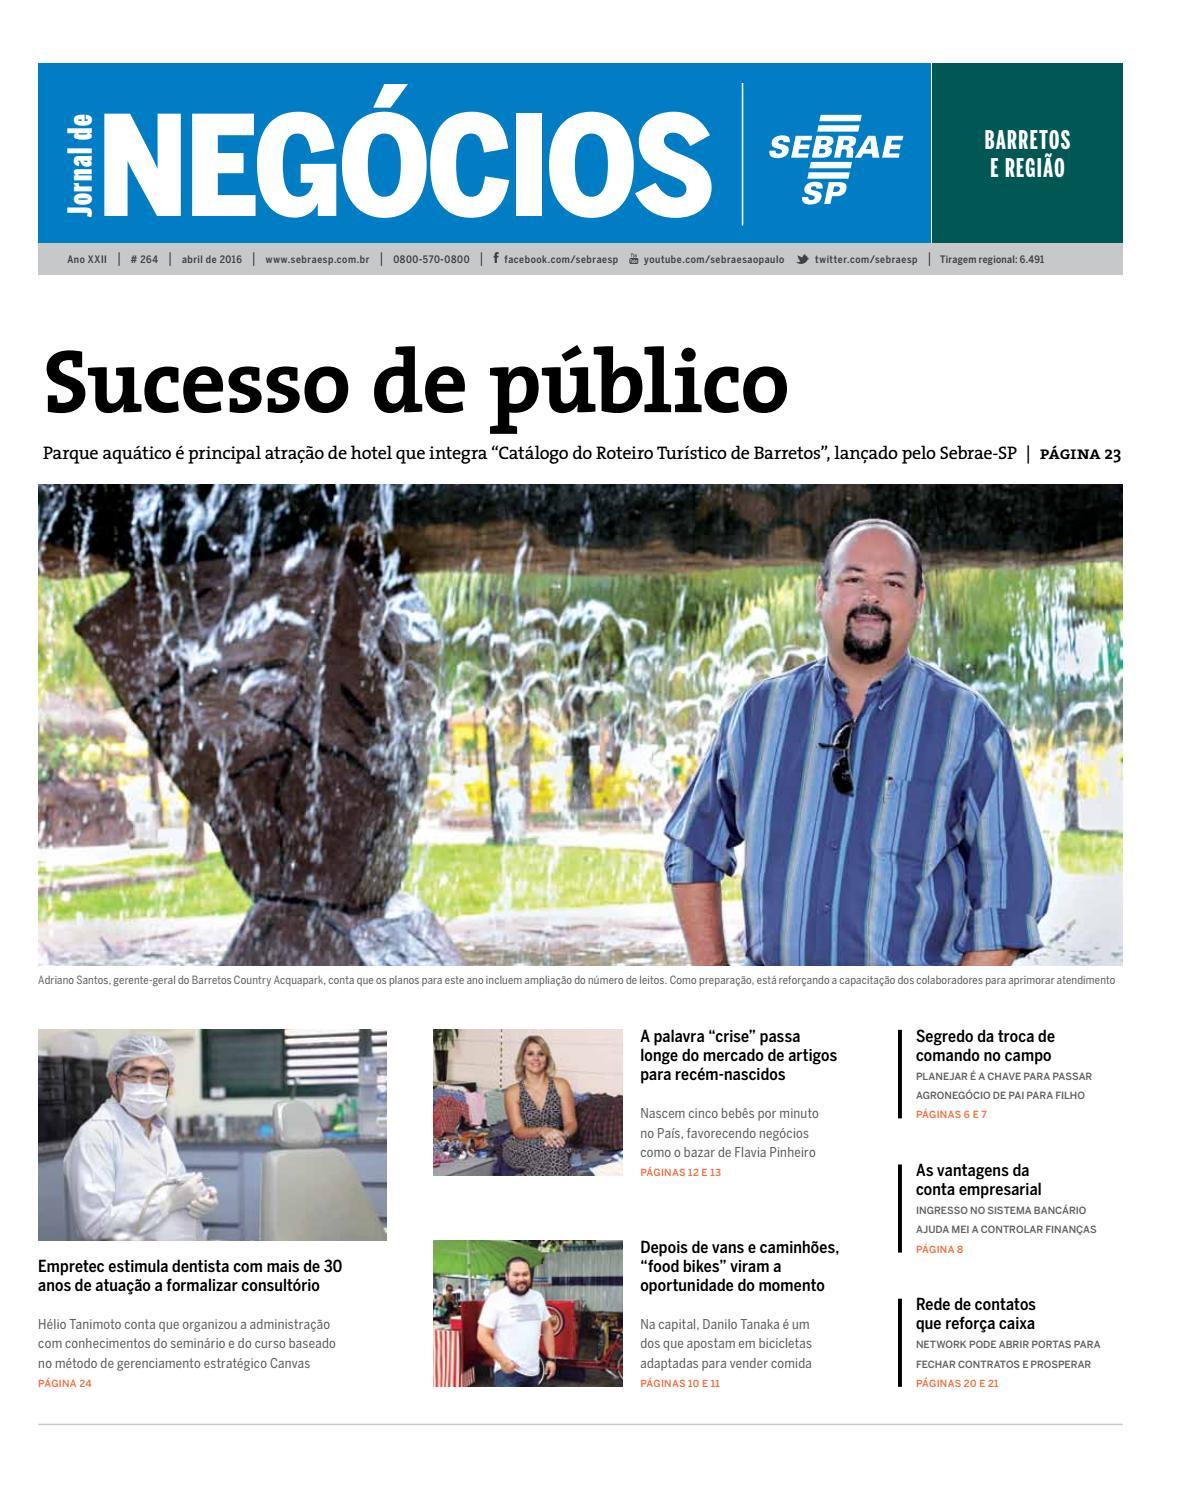 692f5e96a37 Jornal de Negócios Sebrae-SP - 01 de março de 2016 - Barretos e região by  Sebrae-SP - issuu